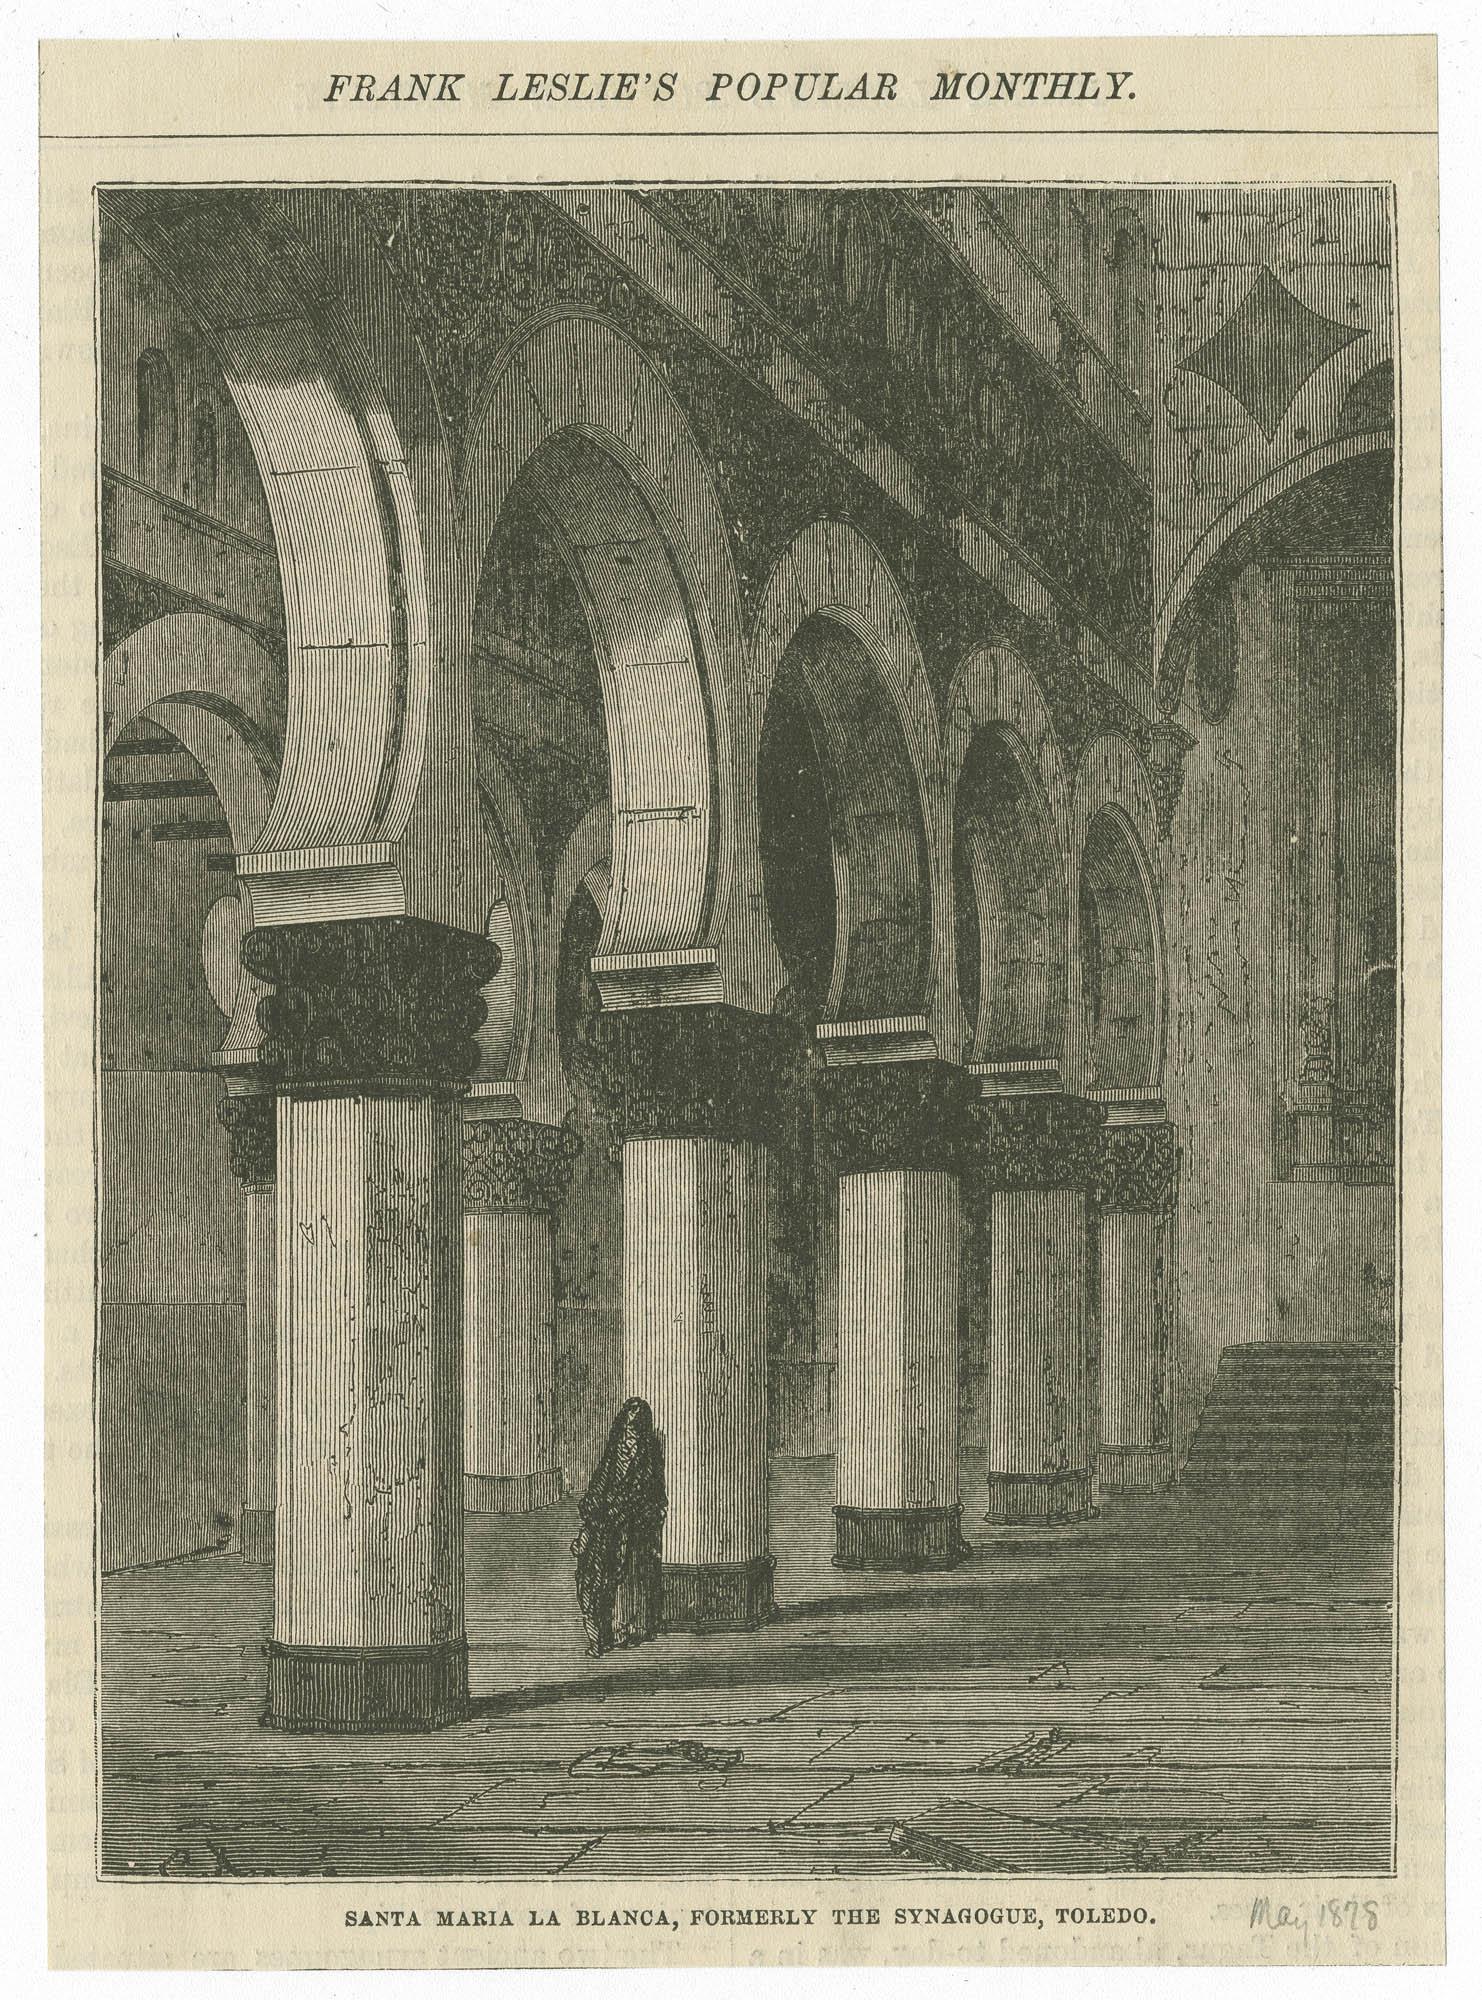 Santa María la Blanca, formerly the synagogue, Toledo